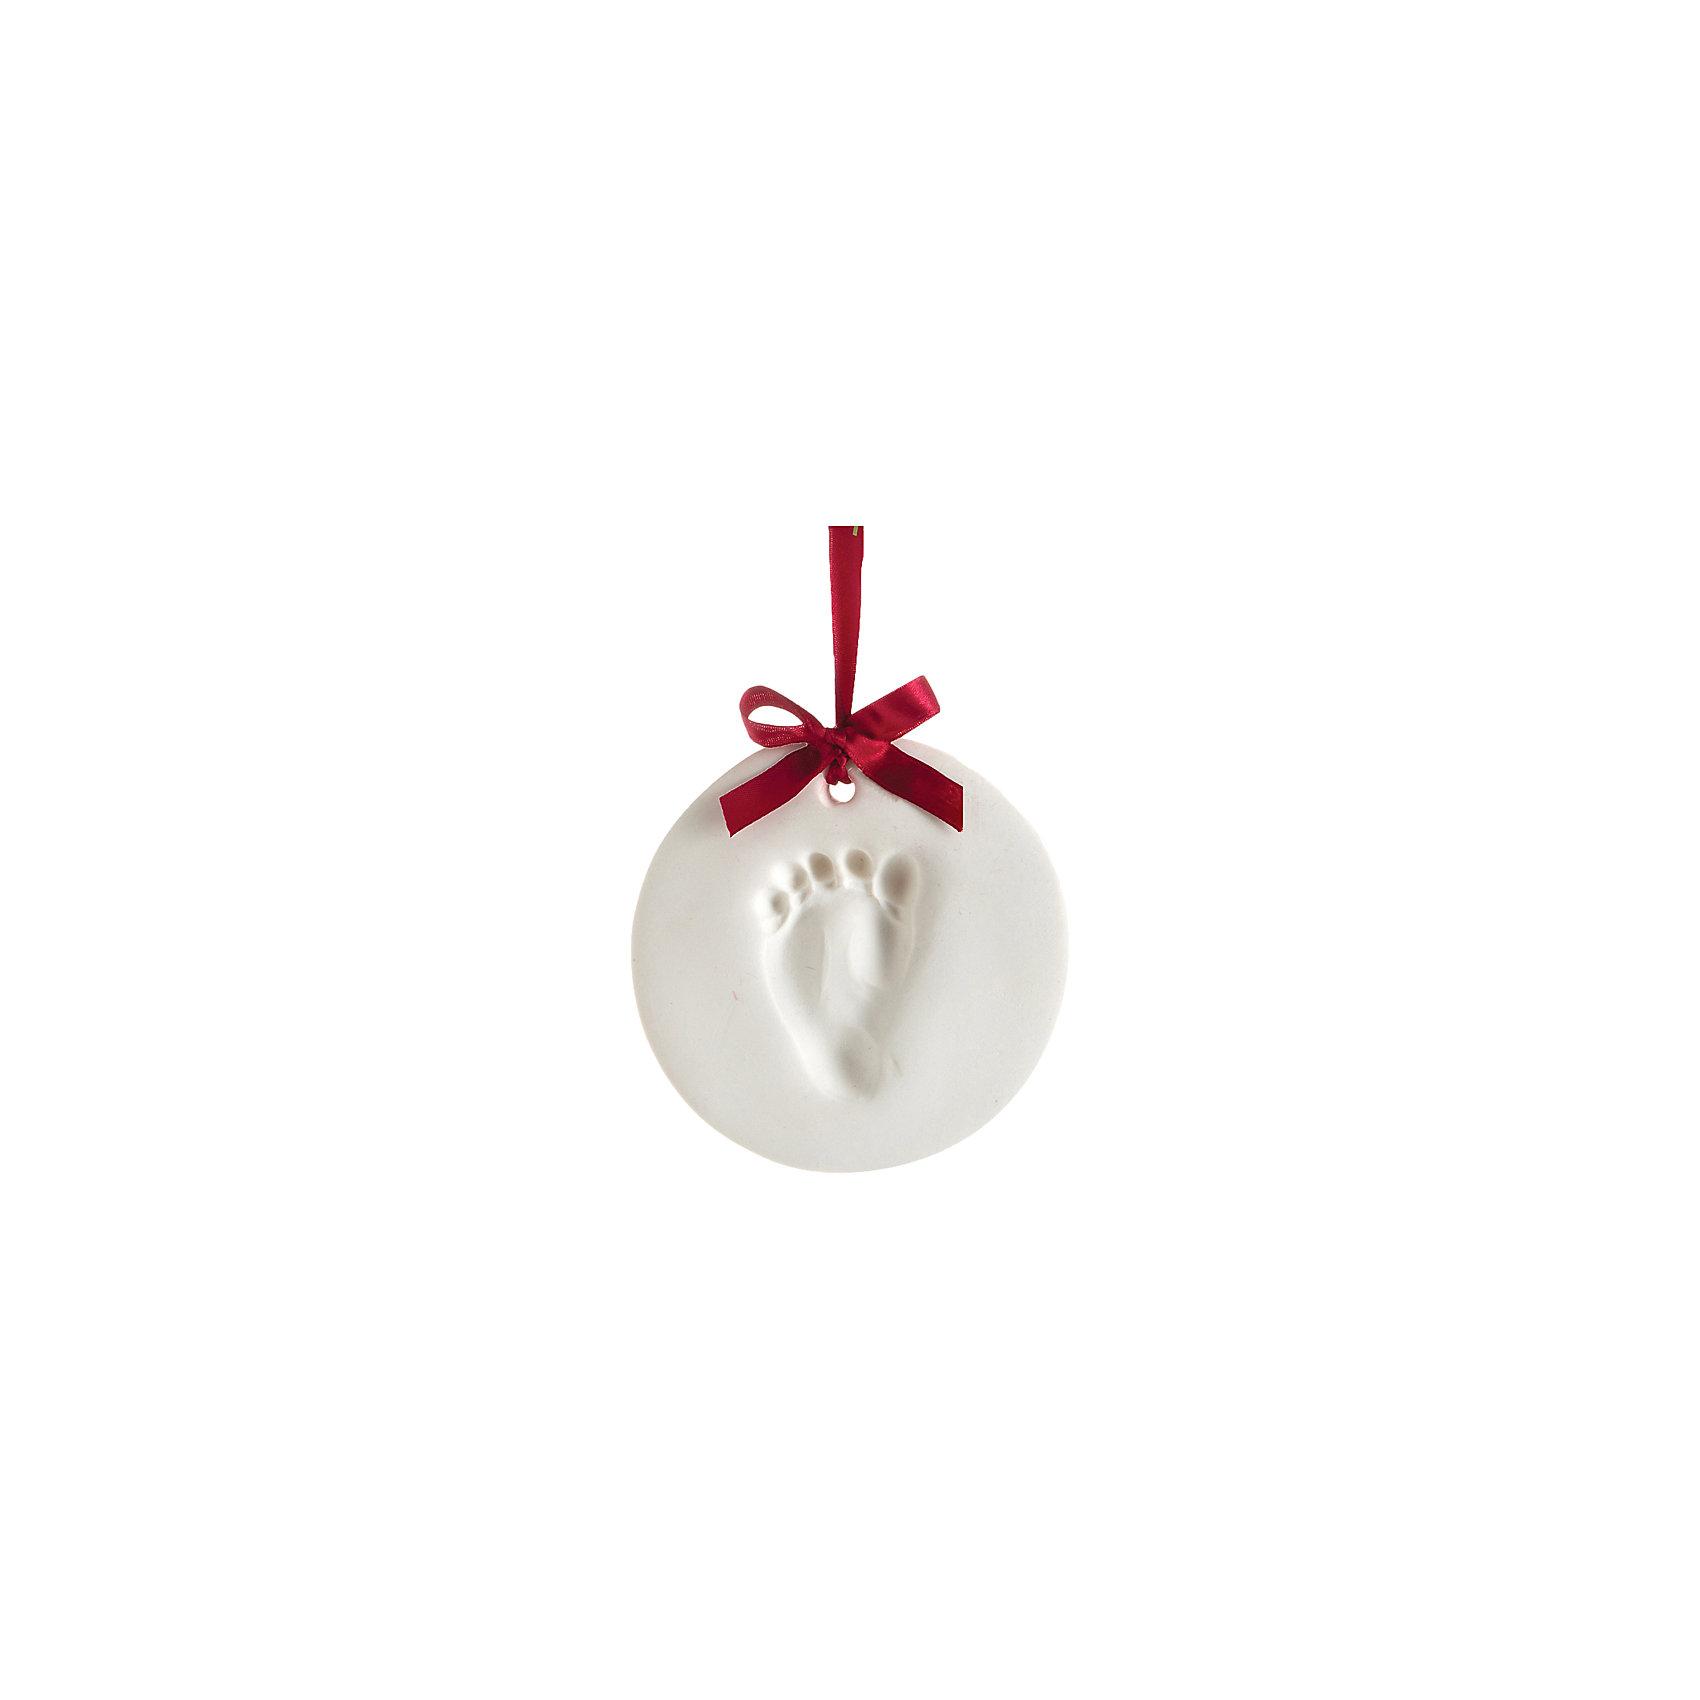 Подарок на ленточке Пяточка-Ладошка (Отпечаток) Шар, PearheadХарактеристики:<br><br>• Пол: универсальный<br>• Тематика рисунка: без рисунка<br>• Цвет: белый, красный<br>• Материал: материал для изготовления слепка, дерево, сатин<br>• Комплектация: материал для изготовления слепка, деревянный валик, пуансон кольцевой, сатиновая лента, инструкция<br>• Форма медальона: круглый<br>• Размеры рамки (Д*Ш*В): 17*4*17 см <br>• Вес: 300 г <br>• Особенности ухода: допускается сухая и влажная чистка<br><br>Подарок на ленточке Пяточка-Ладошка (Отпечаток) Шар, Pearhead от американского торгового бренда, который специализируется на создании подарочных наборов для новорожденных и их родителей. Инновационные технологии, которые используются при создании наборов для изготовления слепков являются безопасными и не вызывают аллергии. <br><br>Разработанный специальным образом оттискно-слепочный материал обеспечивает чистое касание детской ручки или ножки. В набор входят необходимые материалы и инструменты для создания слепка в форме круглого медальона. Размер медальона позволяет сделать слепок детской ручки или ножки. В комплекте предусмотрена красная сатиновая лента.<br><br>Подарок на ленточке Пяточка-Ладошка (Отпечаток) Шар, Pearhead можно купить в нашем интернет-магазине.<br><br>Ширина мм: 40<br>Глубина мм: 165<br>Высота мм: 160<br>Вес г: 169<br>Возраст от месяцев: 0<br>Возраст до месяцев: 84<br>Пол: Унисекс<br>Возраст: Детский<br>SKU: 5482412